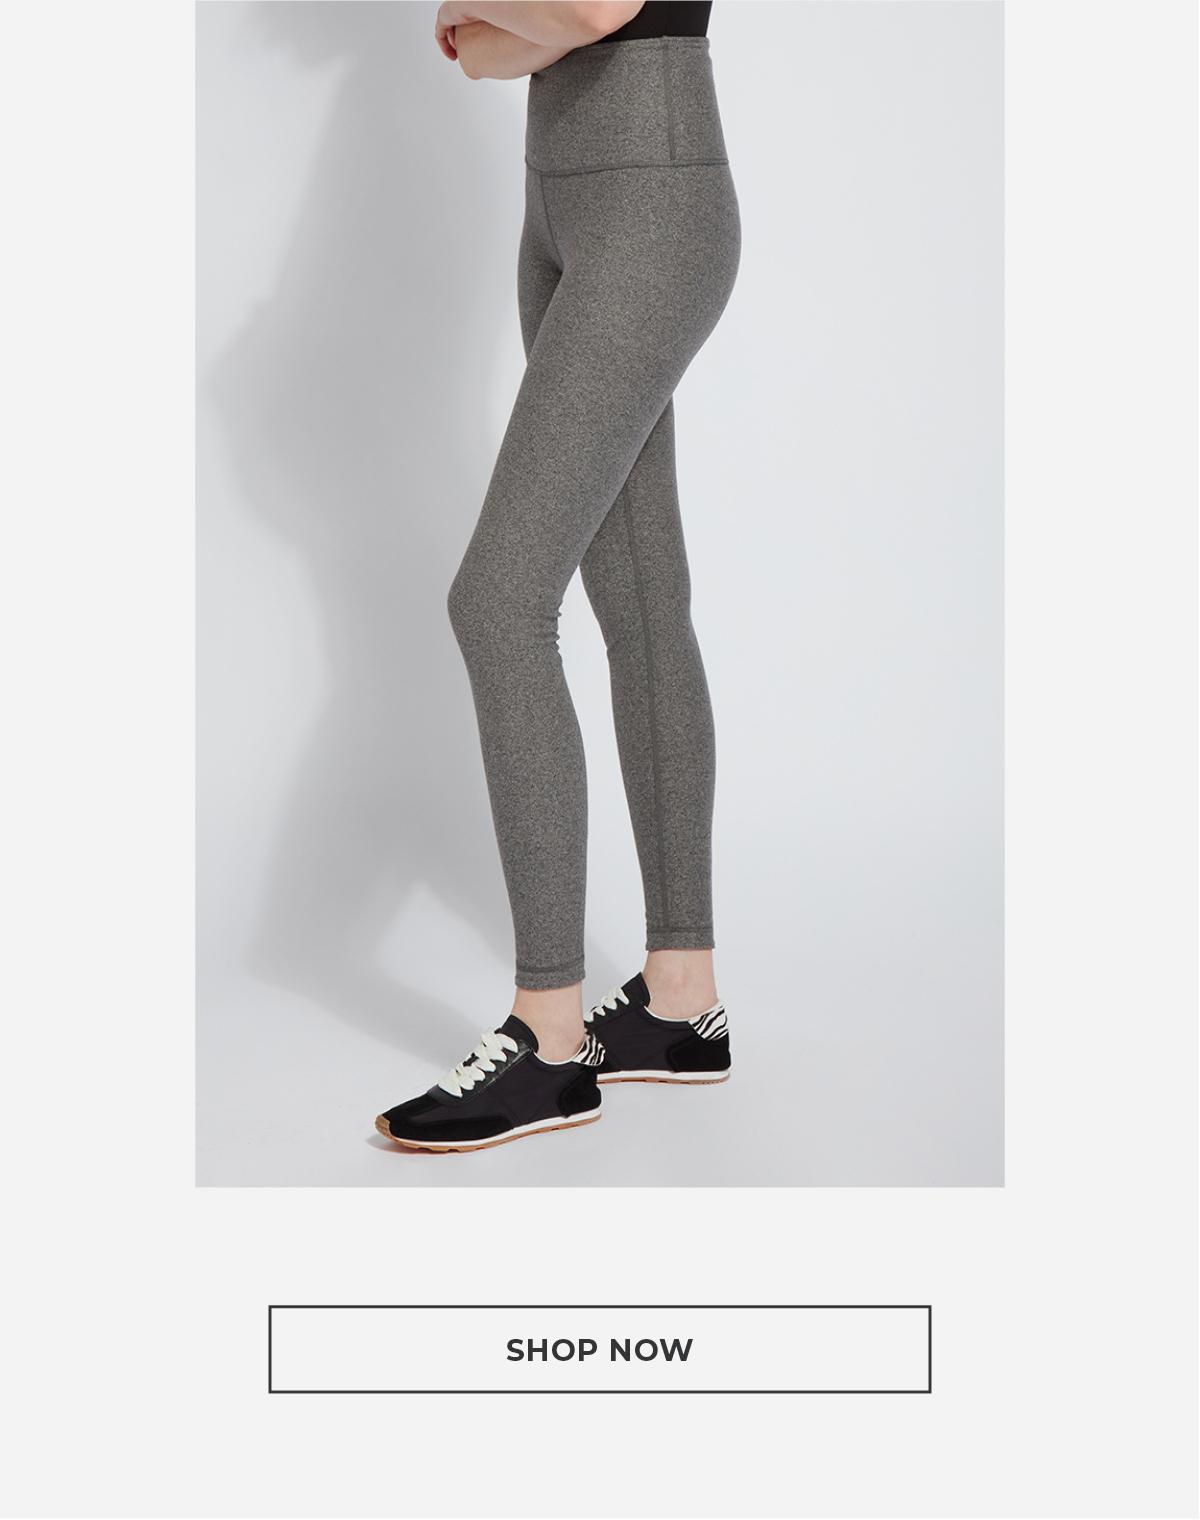 The Reversible Cotton Legging - Shop Now